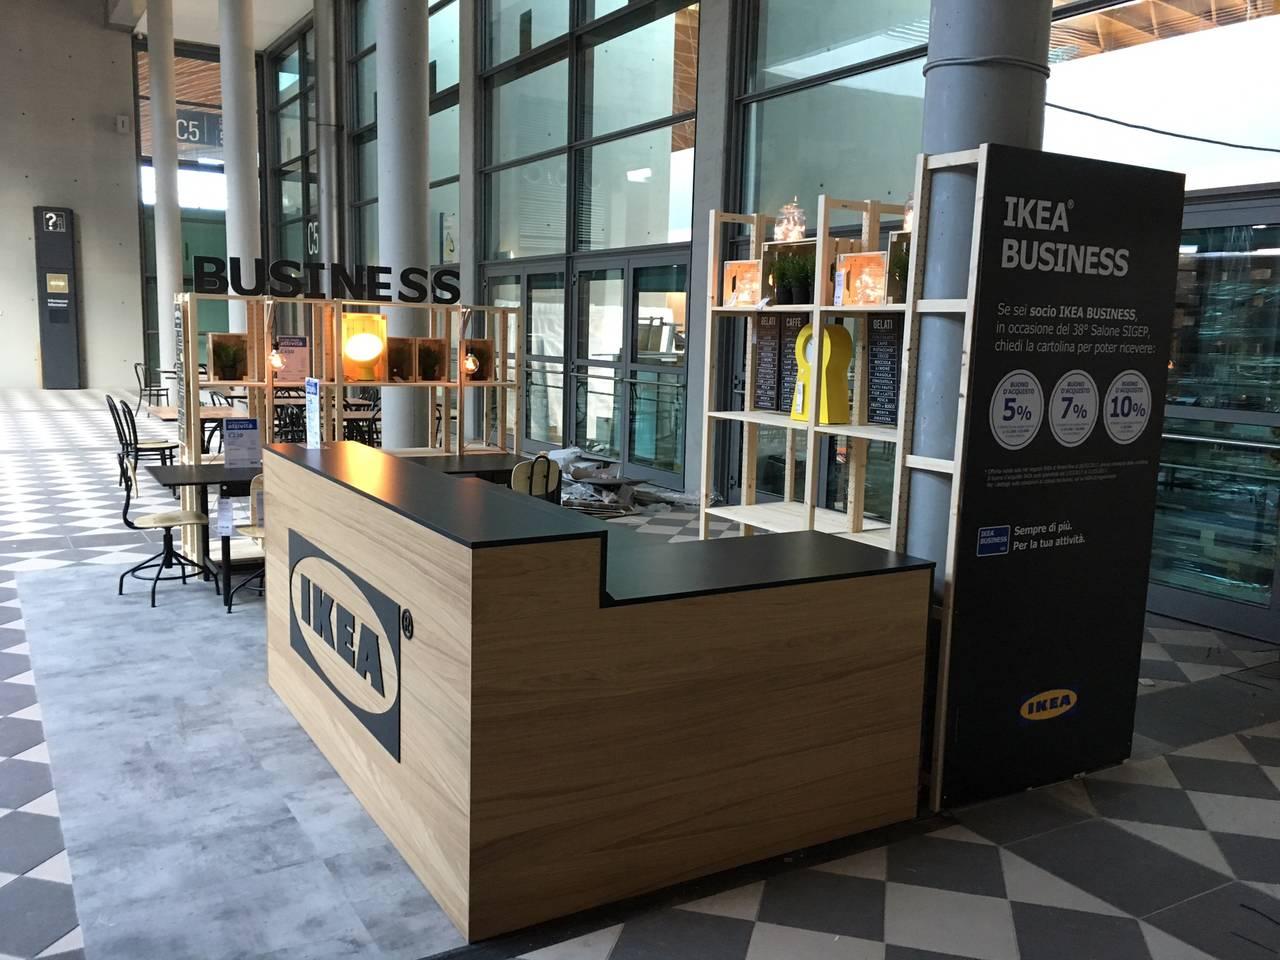 Ikea espone al sigep prodotti di arredo per attivit commerciali - Mobiletti bar per casa ...